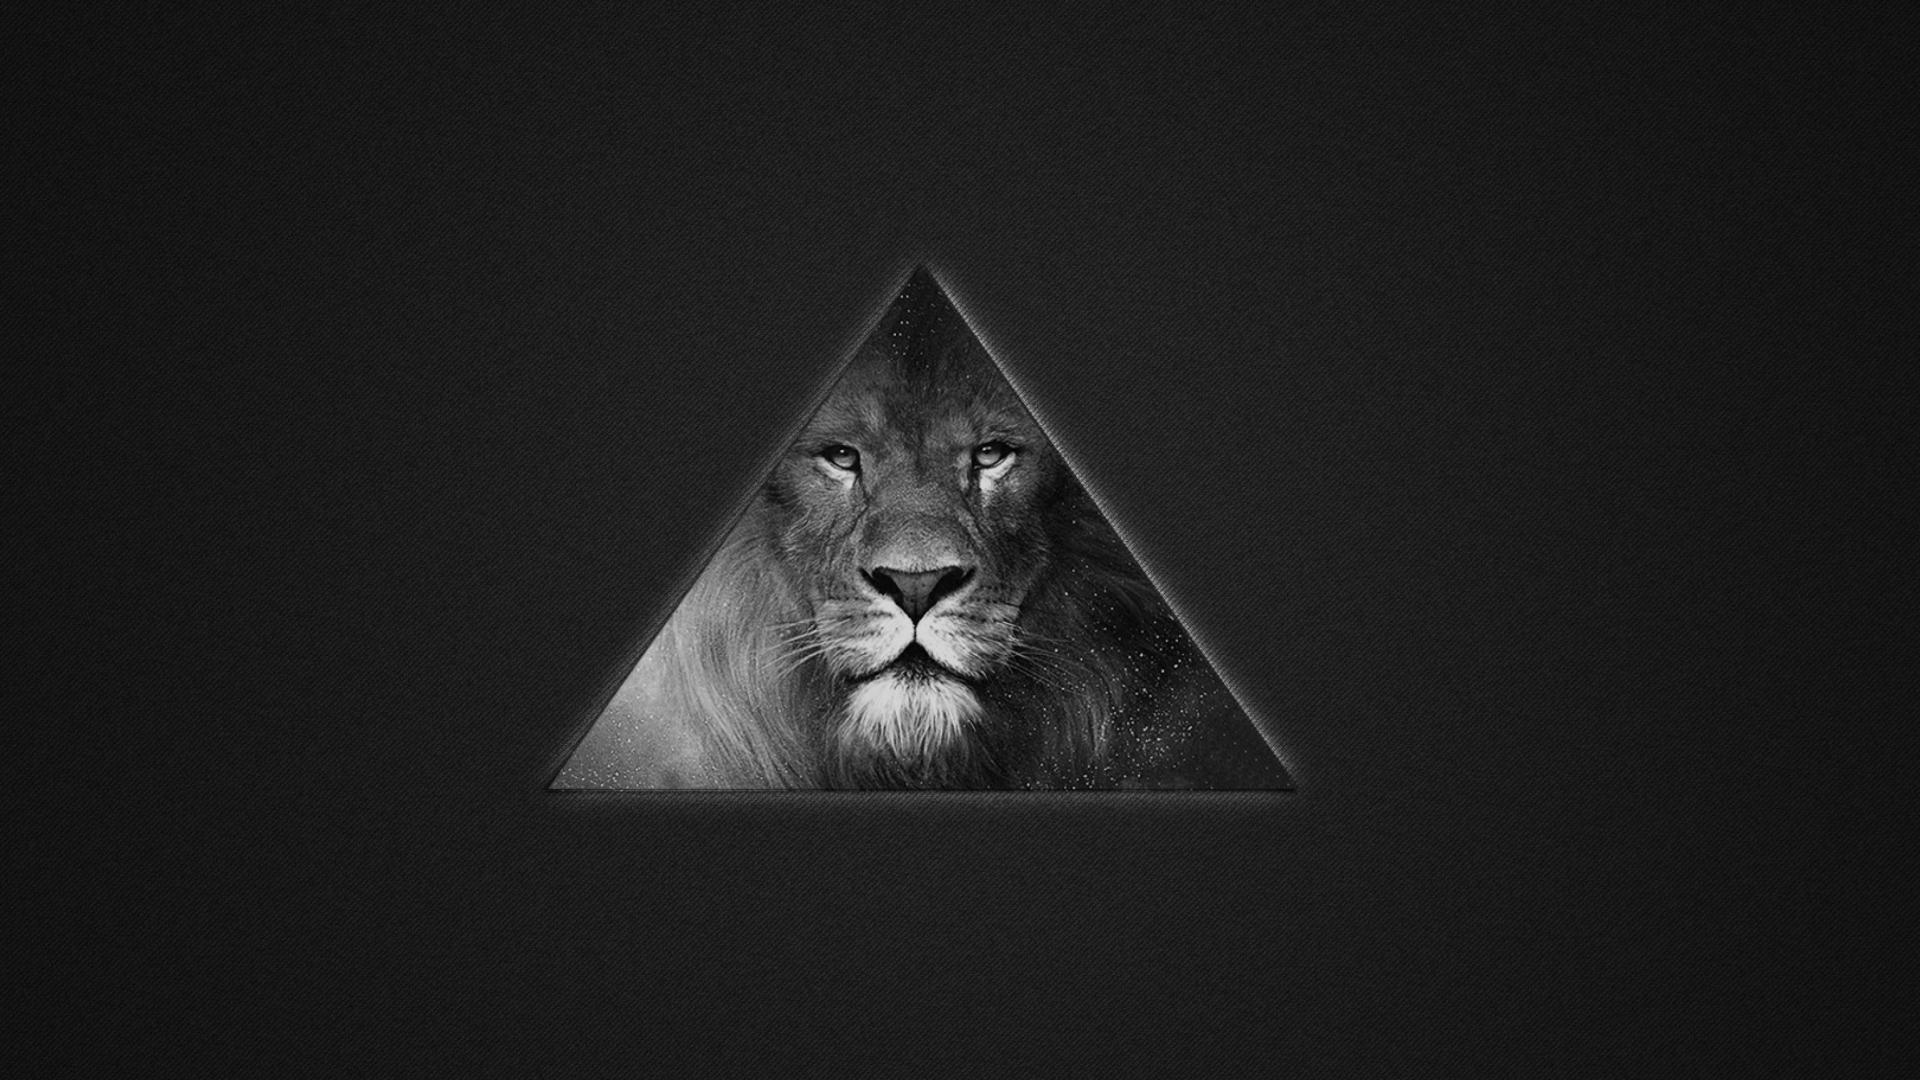 Kostenloses Lion's Black And White Triangle Wallpaper für Desktop ...